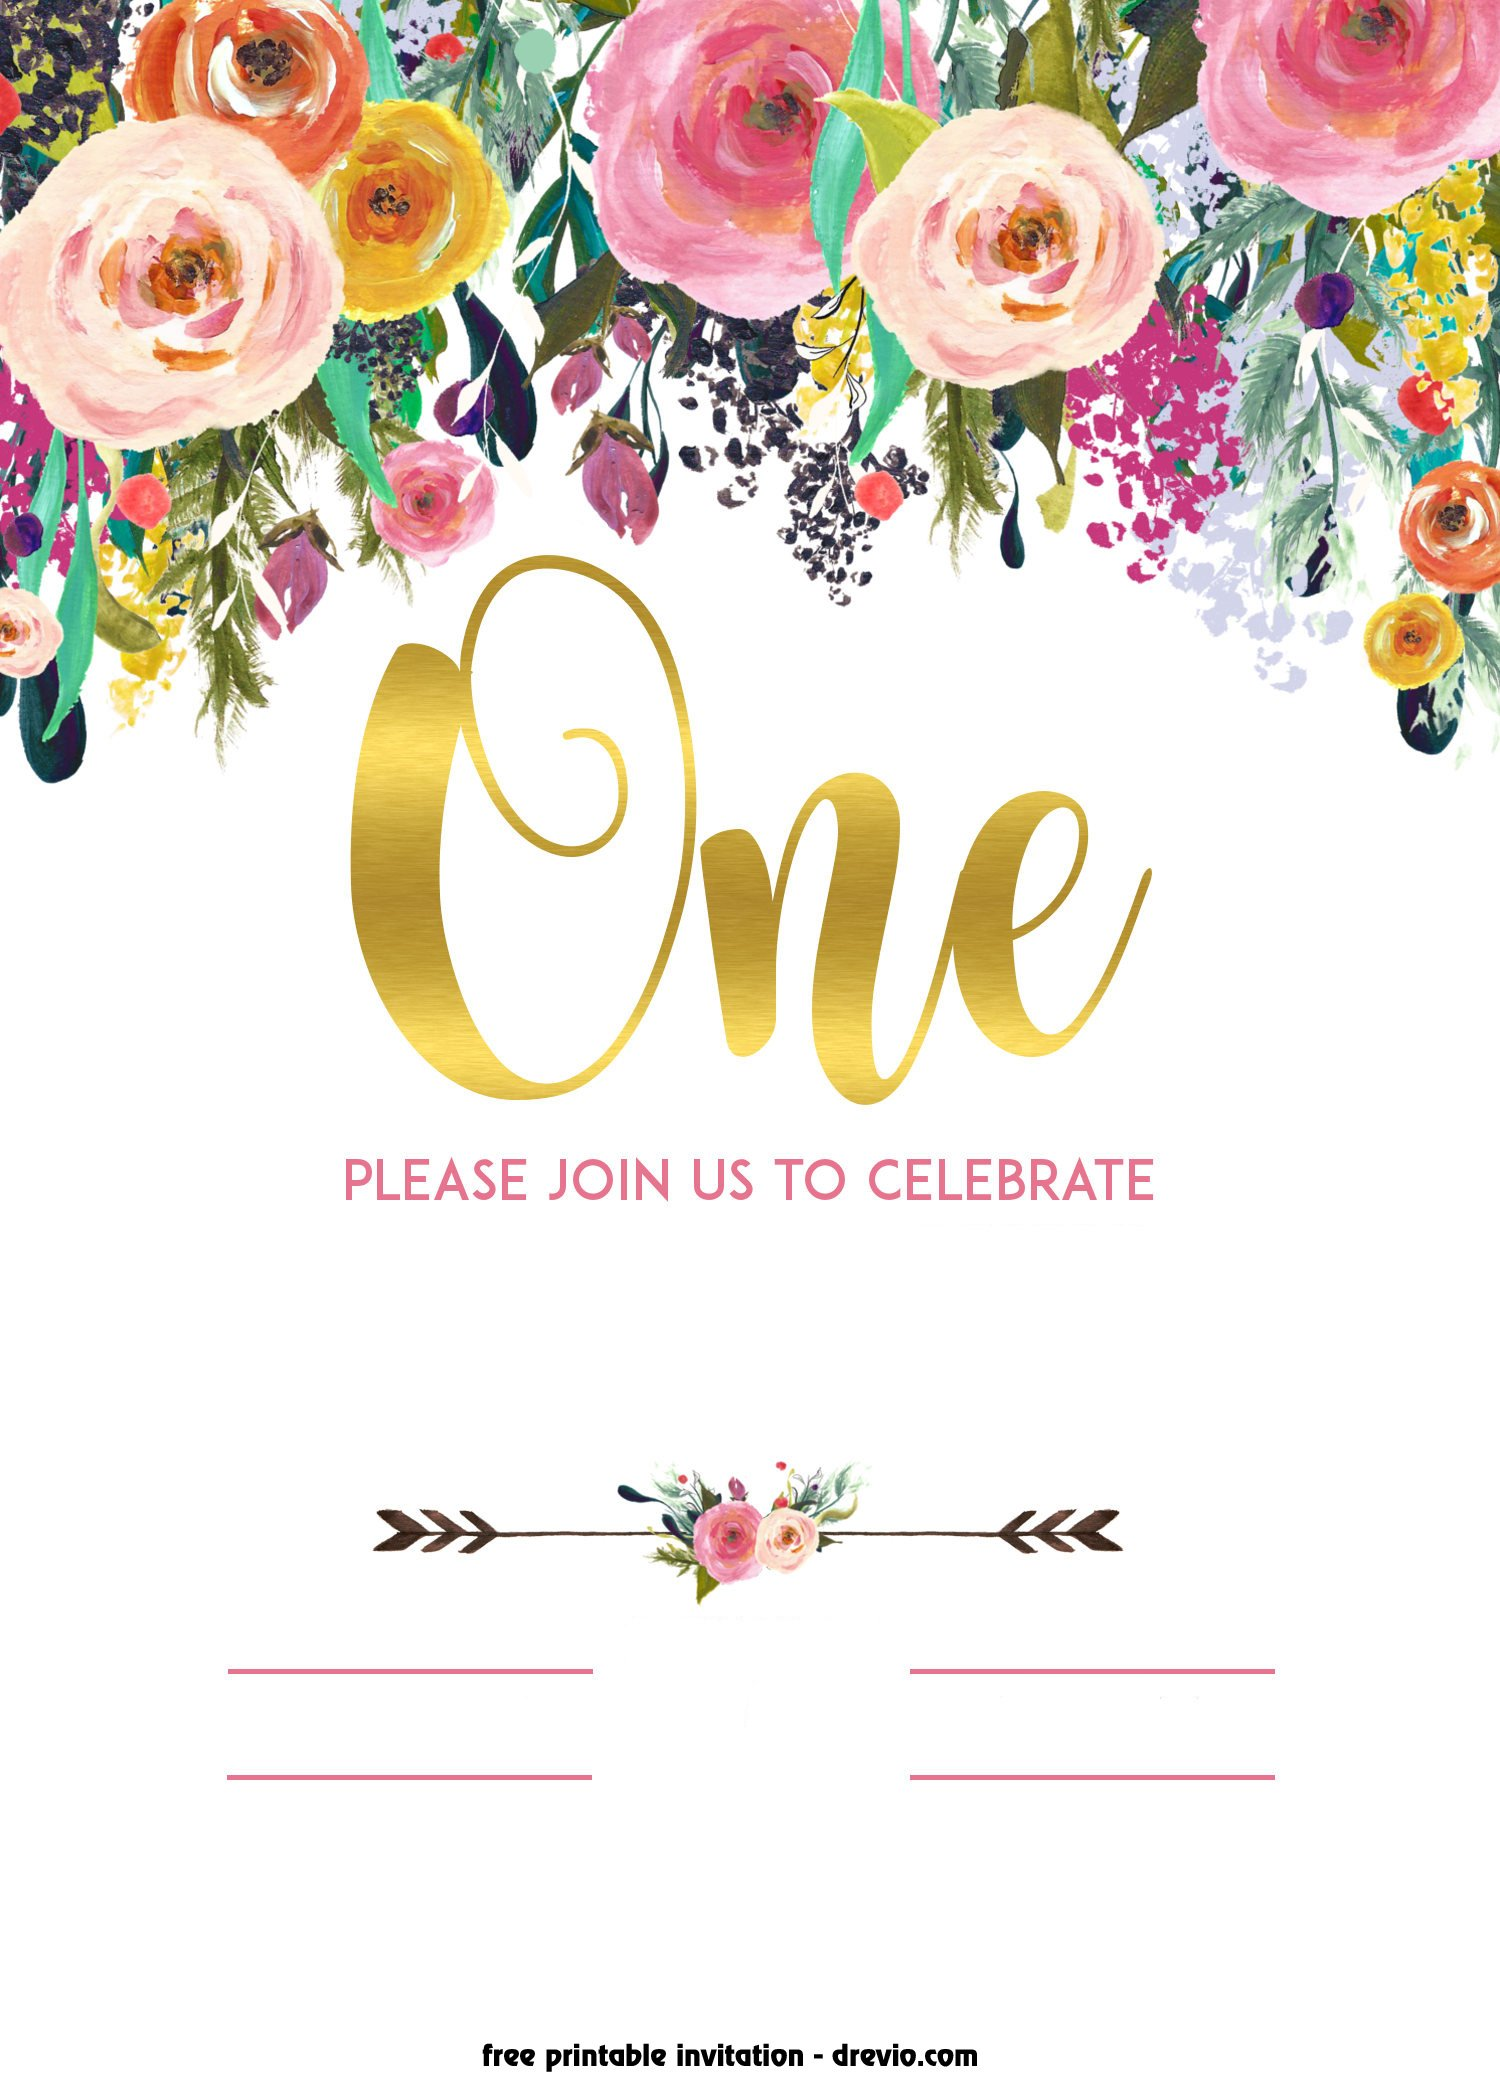 Free Printable 1st Birthday Invitation Vintage Style Free Invitation Templates